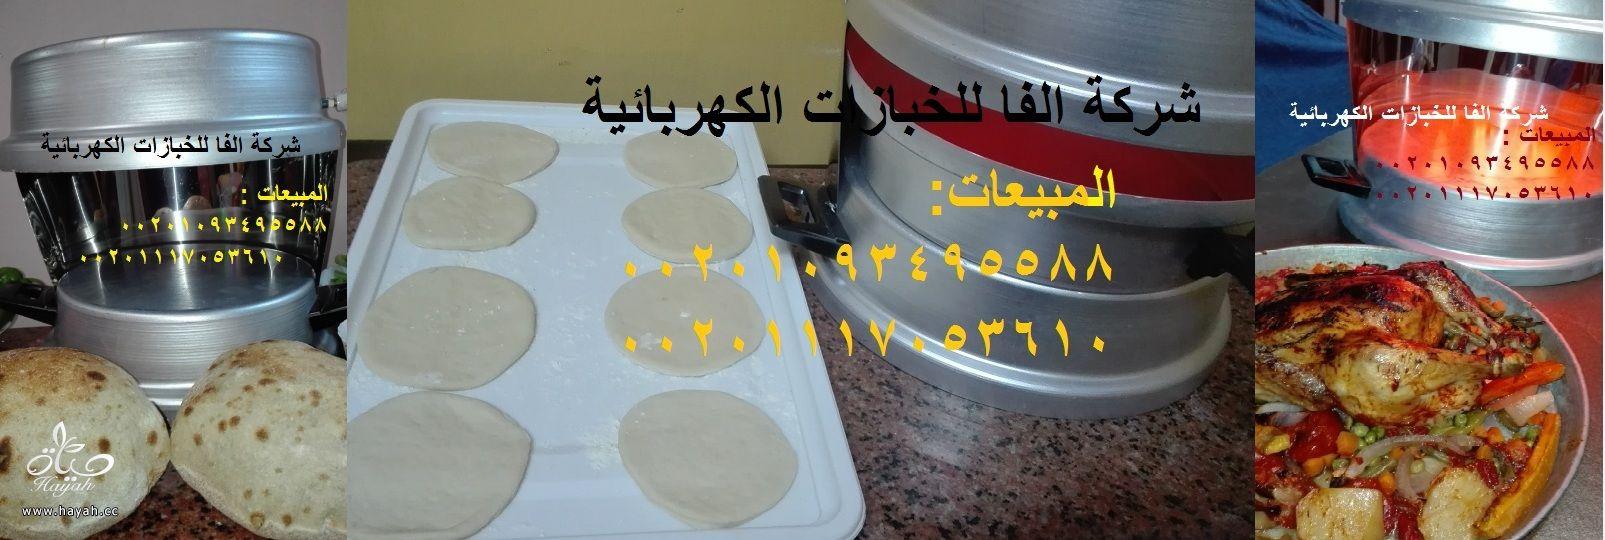 طريقة عمل الخبز المصرى  بالخبازة الكهربائية hayahcc_1482452784_769.jpg